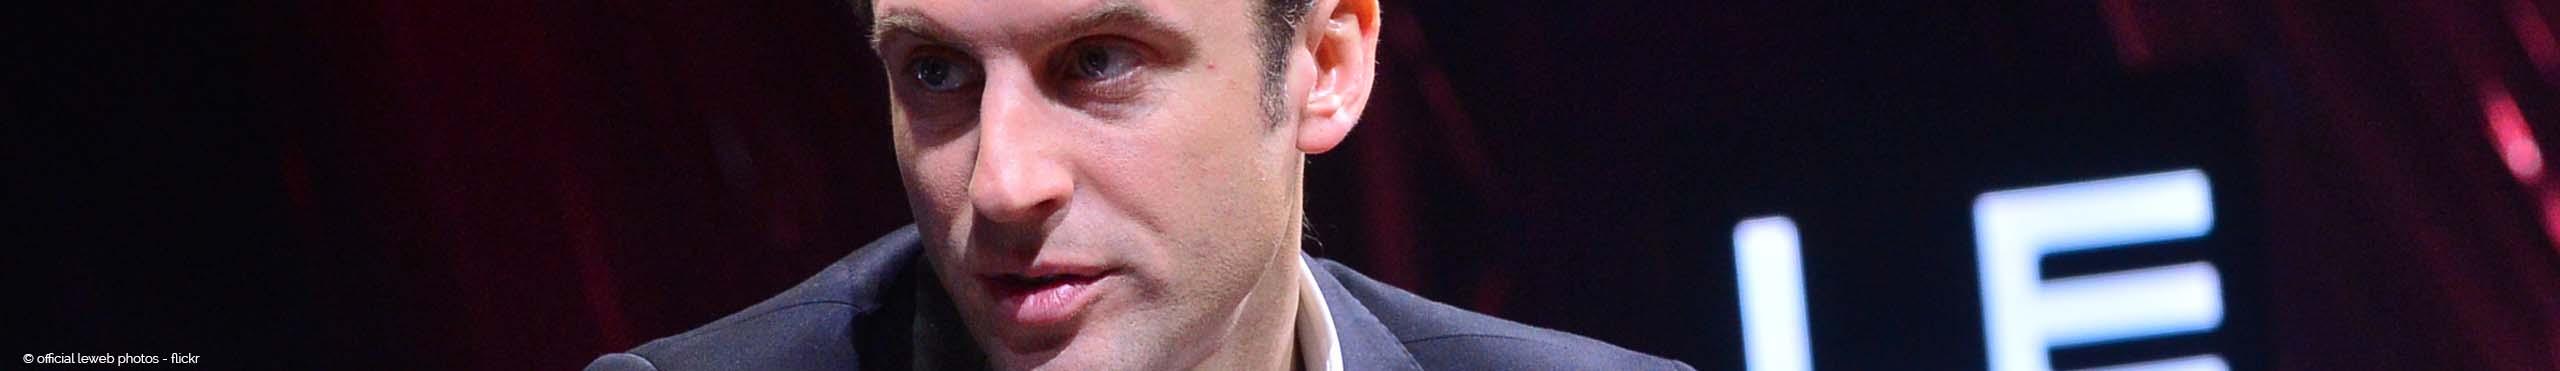 Emmanuel Macron va-t-il augmenter la fiscalité de l'assurance-vie ?